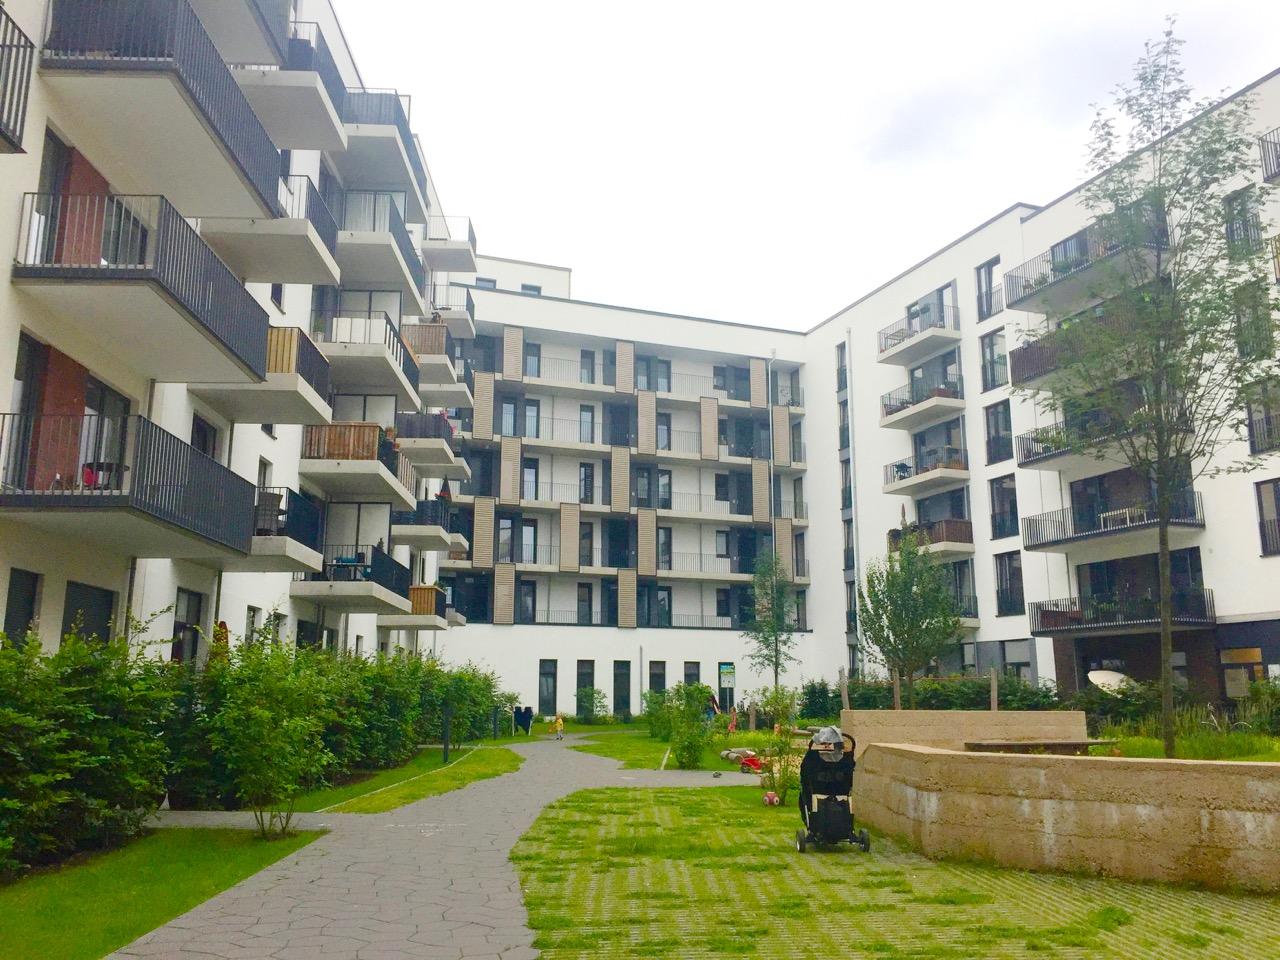 Hamburg 6.19 - 2